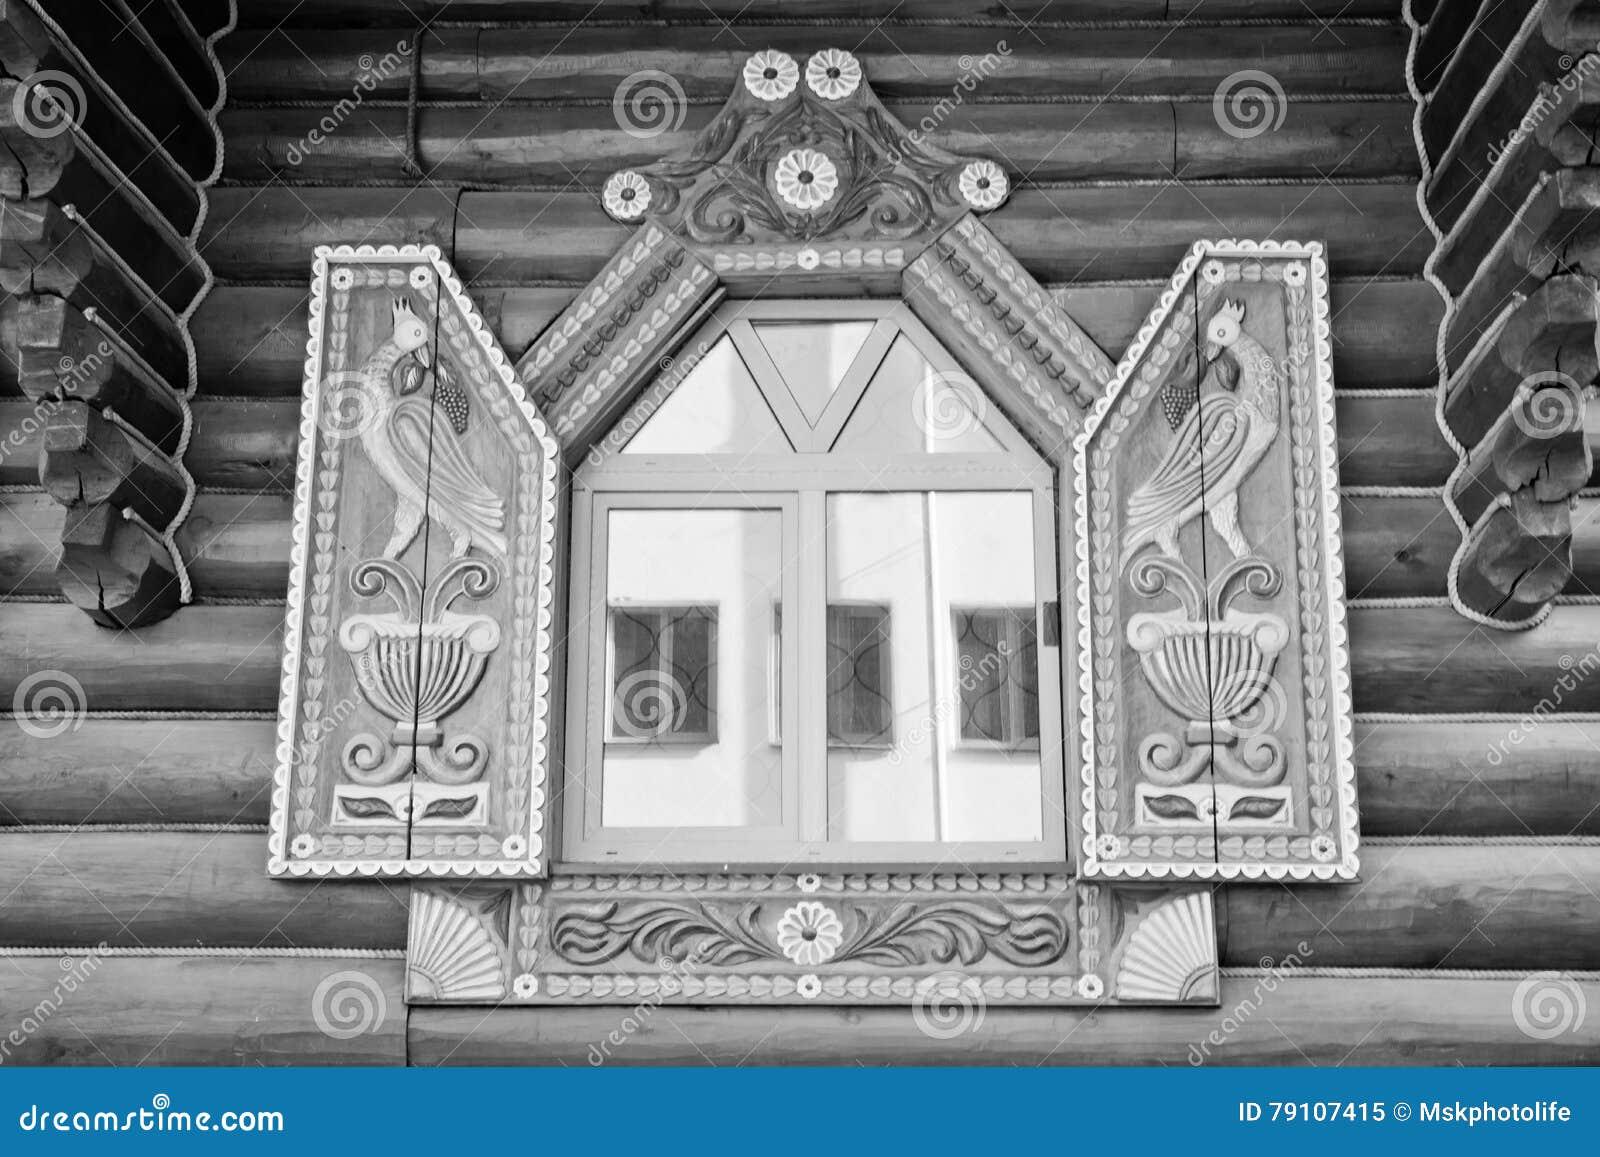 Fenêtre Dans Le Beau Cadre Sur Un Mur En Bois Noir Et Blanc